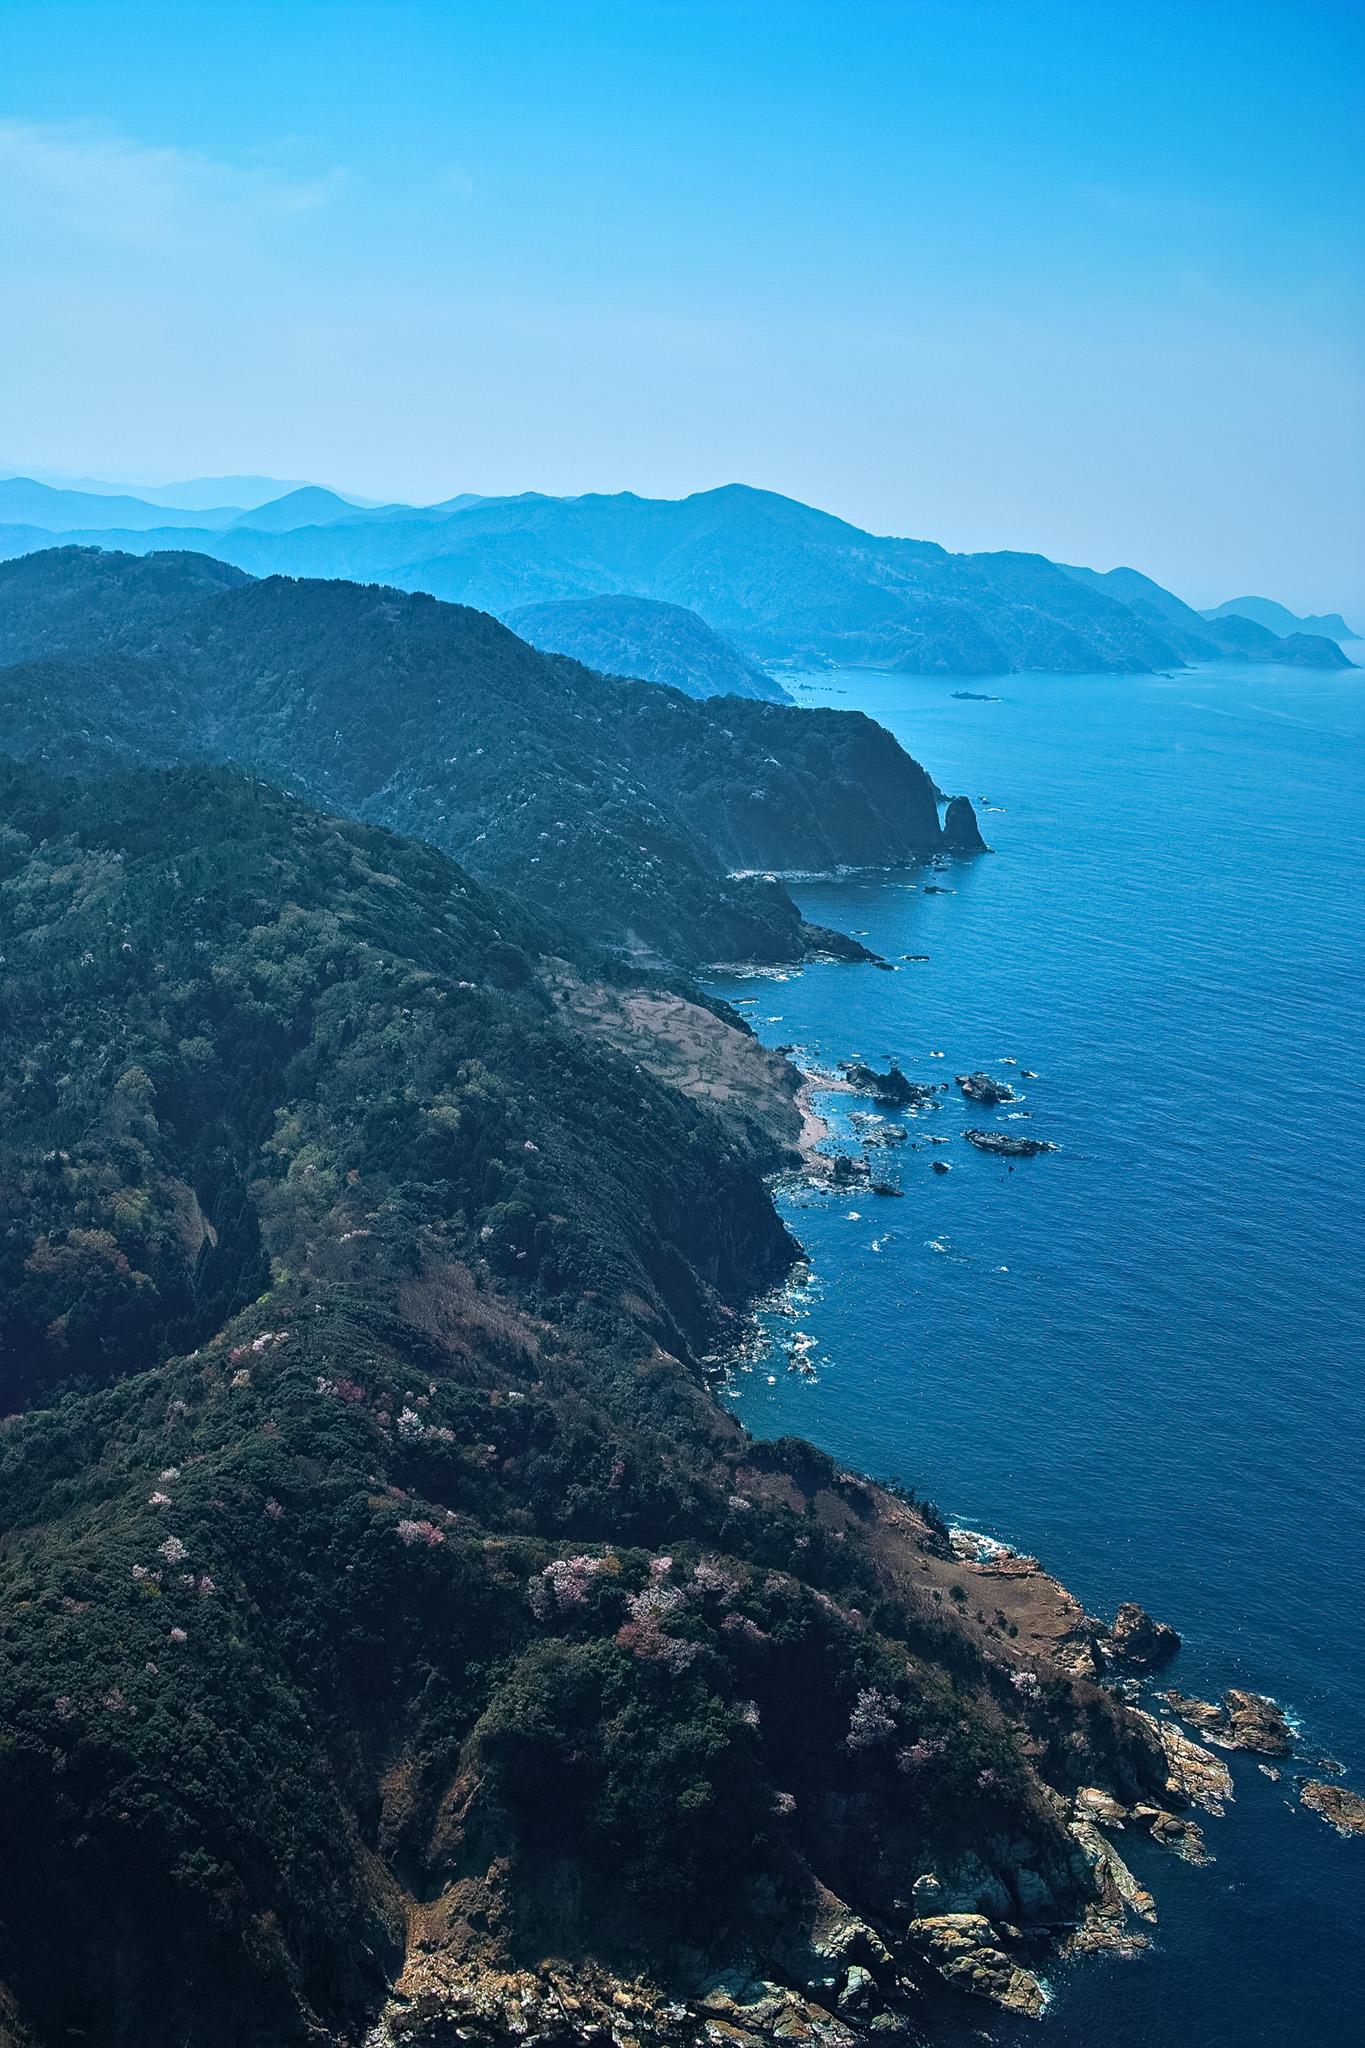 「海に面した急な崖」の素材を無料ダウンロード